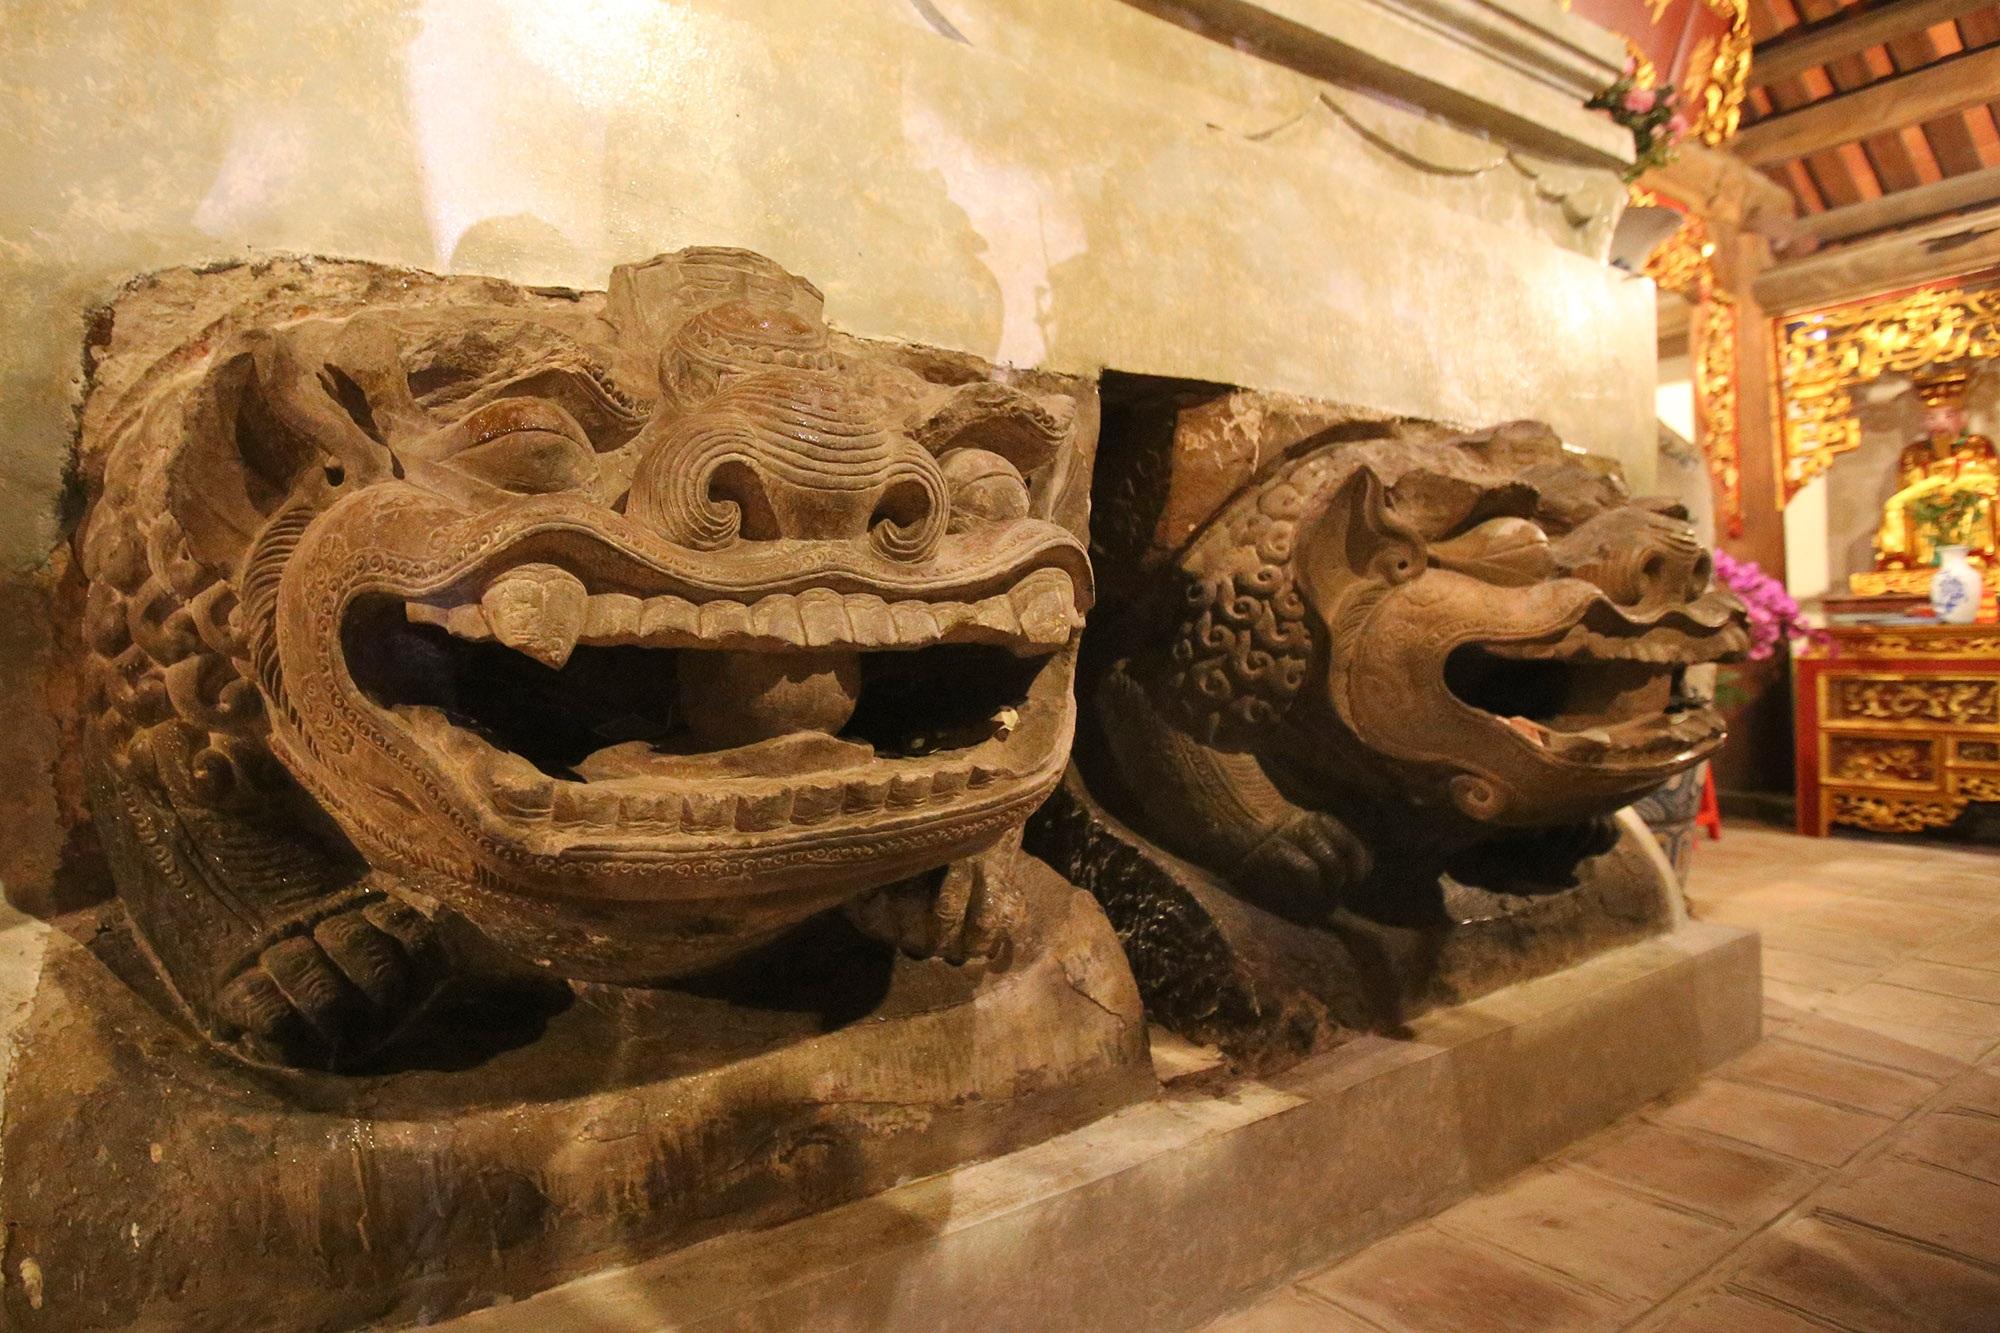 Bảo vật quốc gia: Tượng đôi sư tử đá và Khám thờ gỗ sơn son thếp vàng - 2